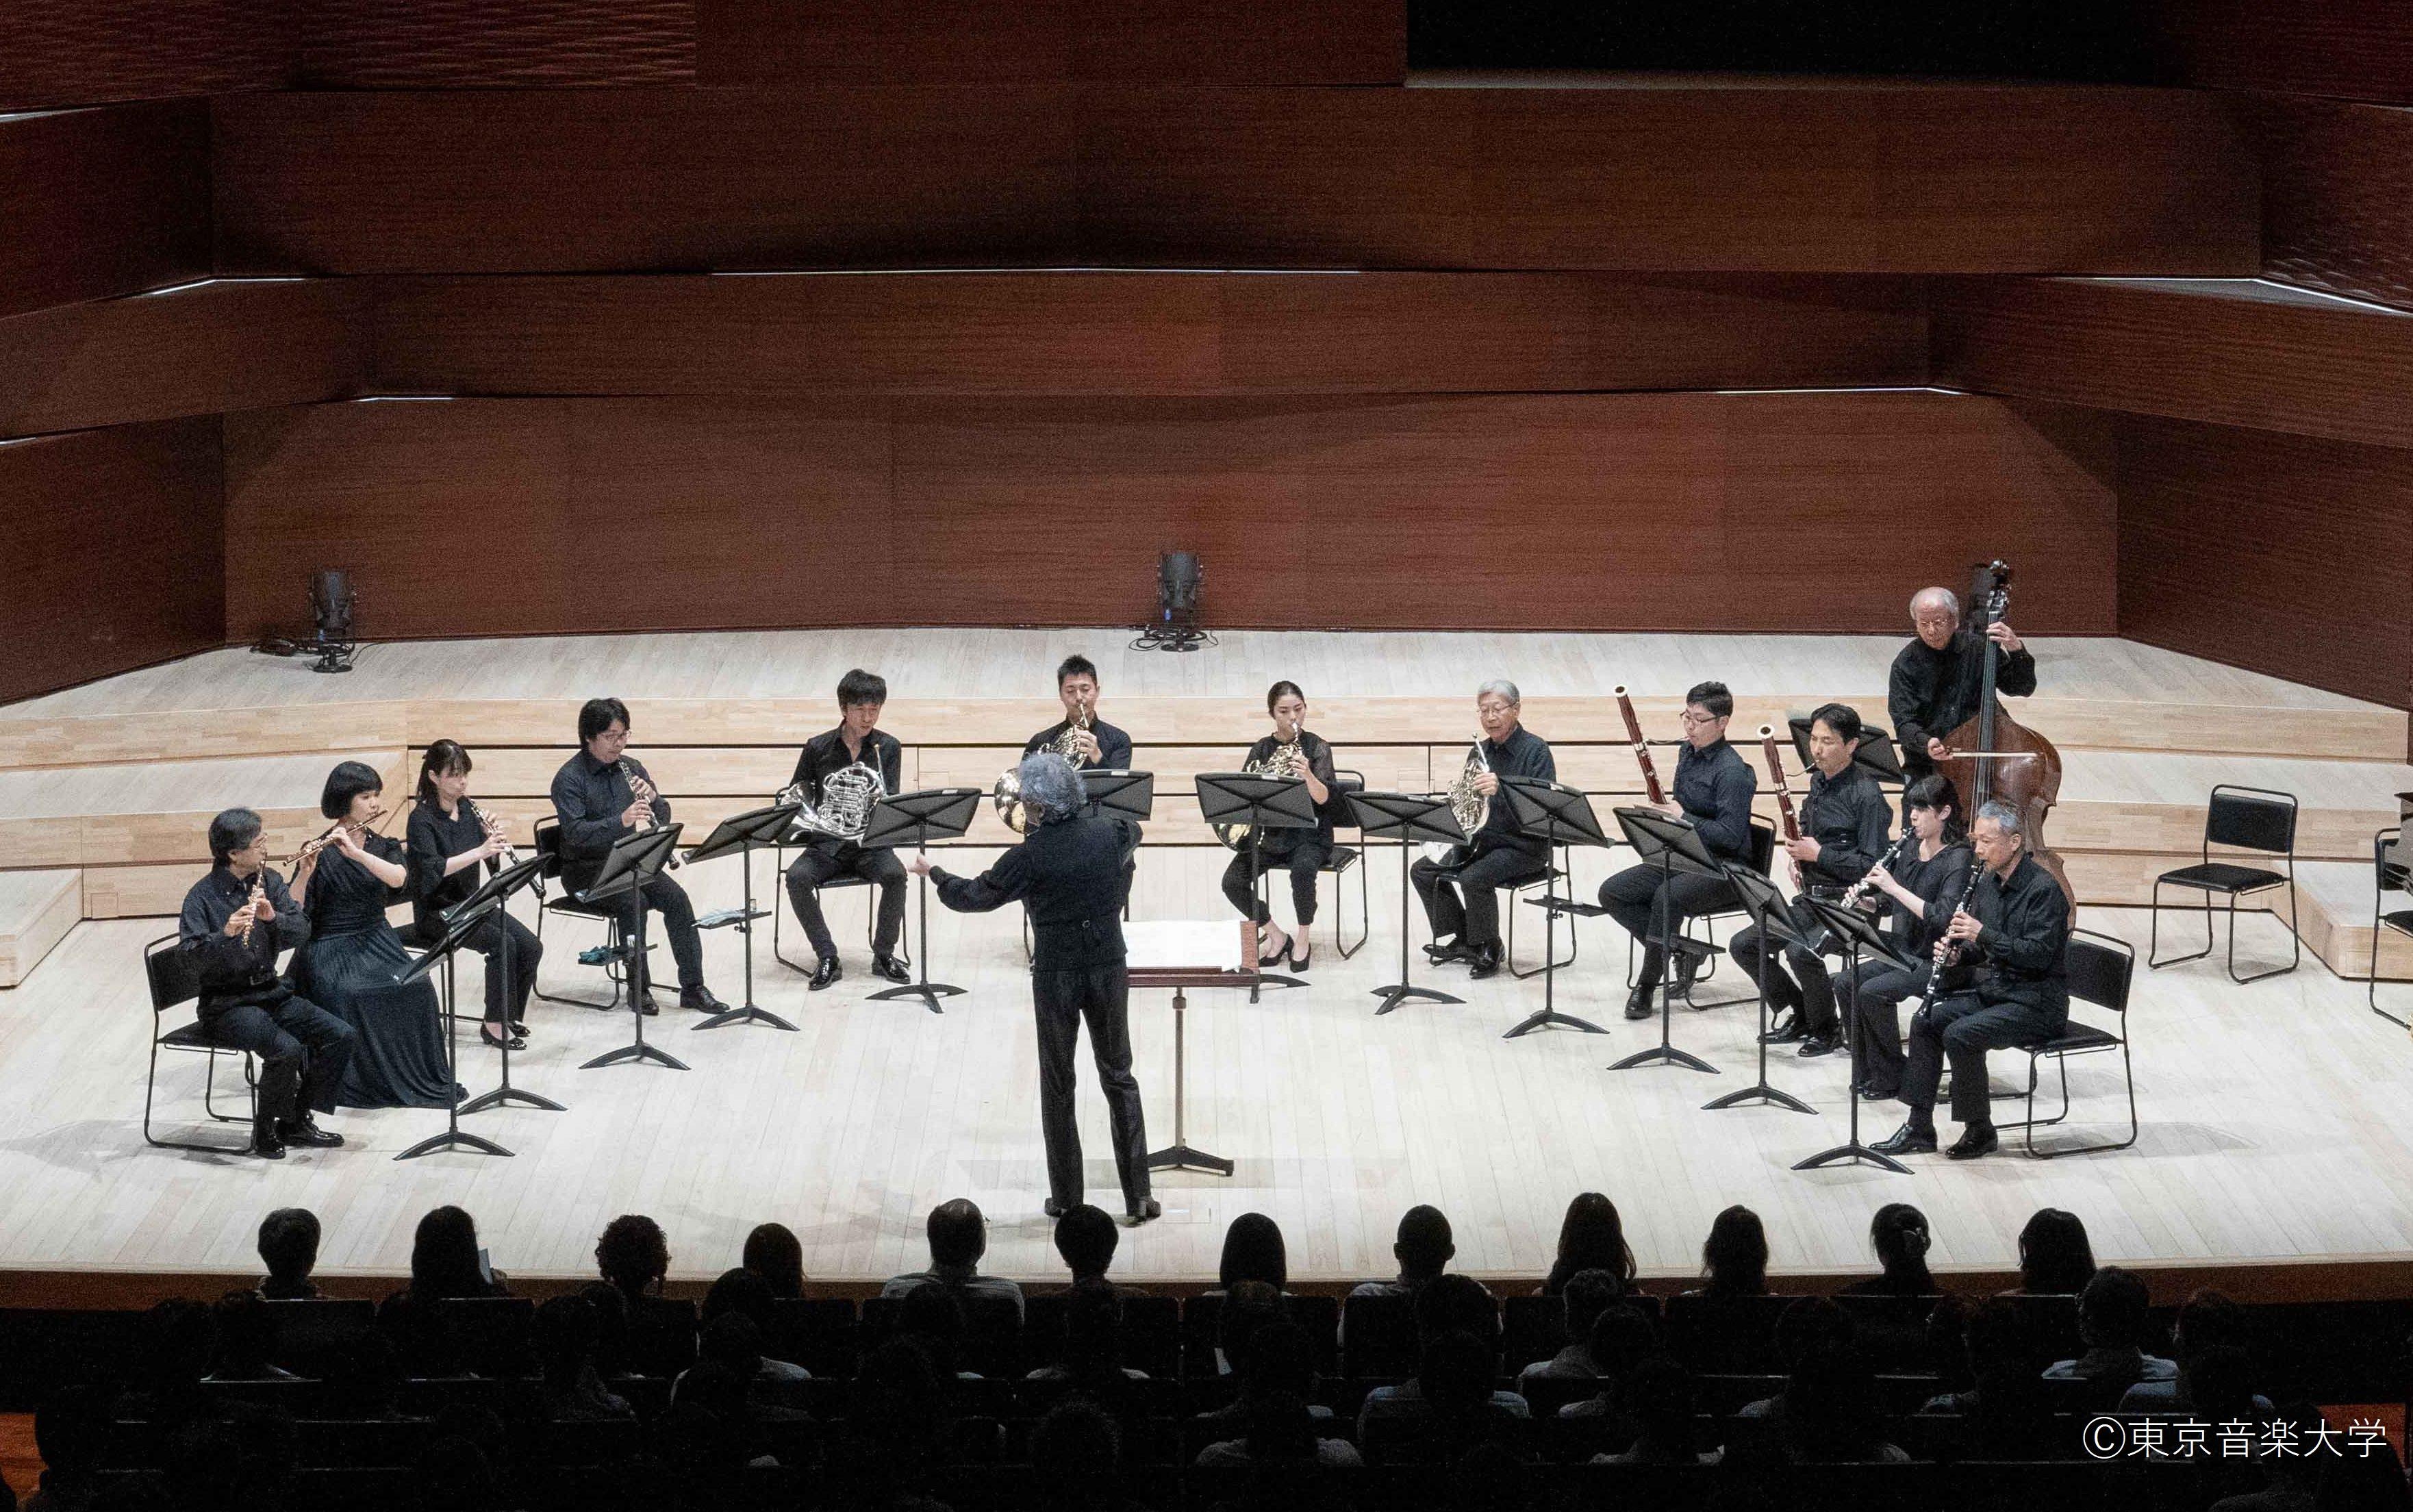 東京音楽大学創立111周年記念演奏会シリーズ 管打楽器部会主催  木管ソロ・室内楽演奏会のレポートを掲載しました